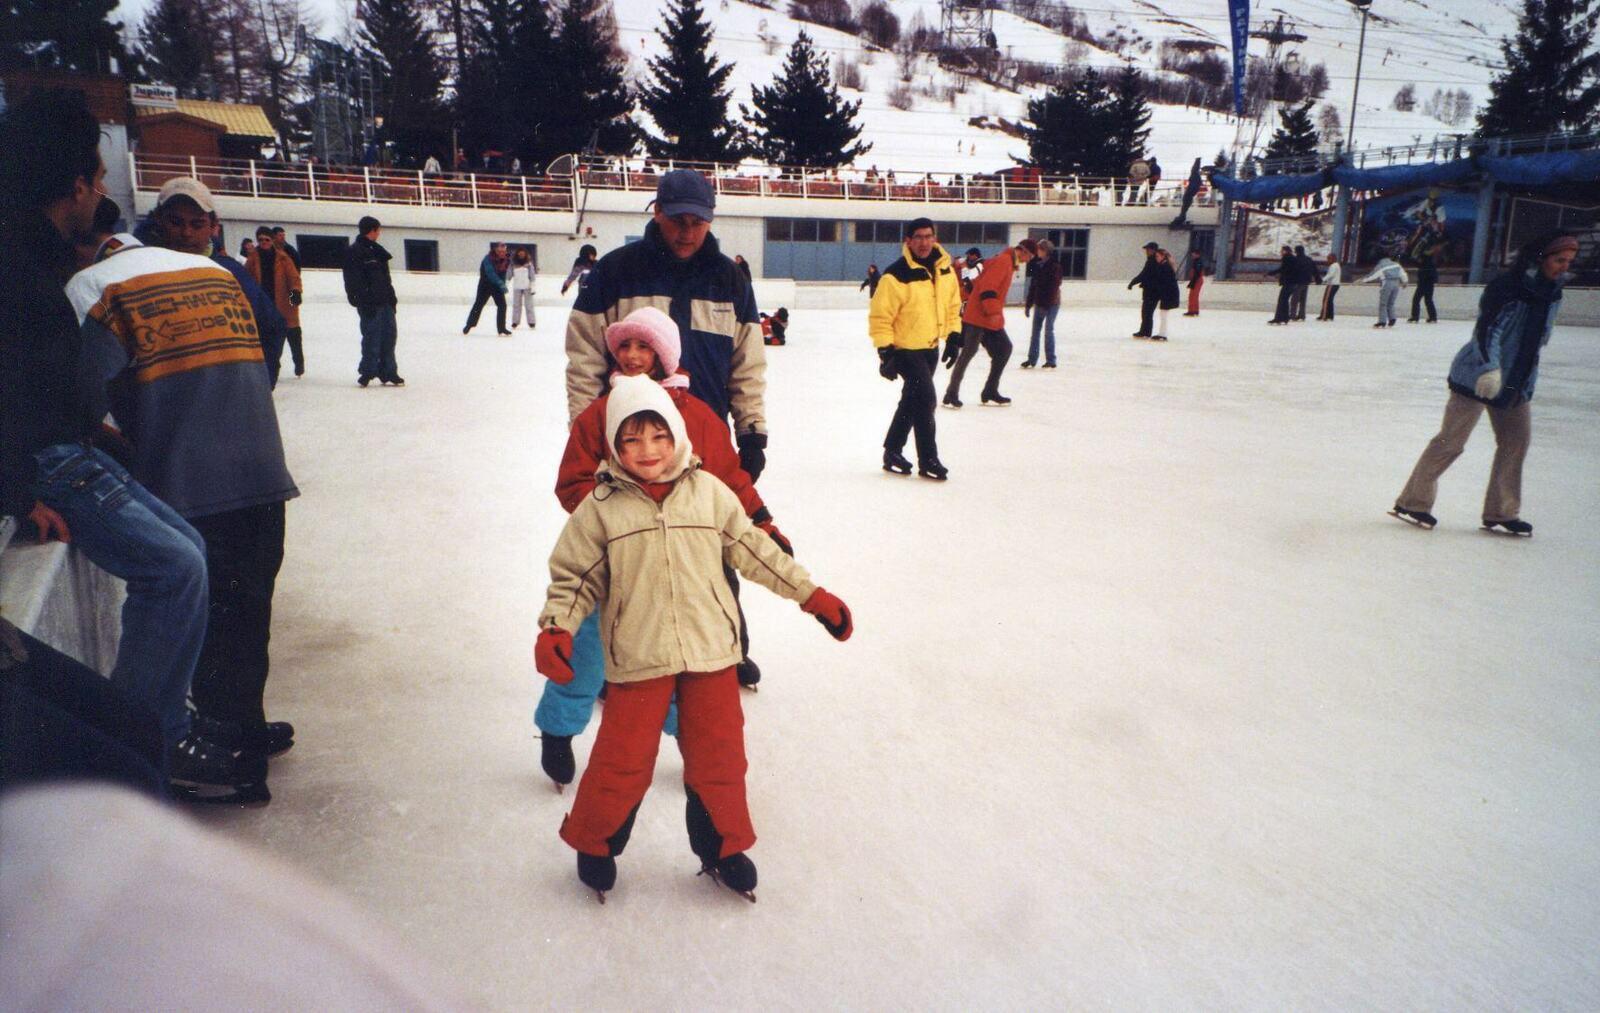 Album - Chantereine, le Comité d'établissement les sports d'hiver à Saint-Bon Courchevel (France)